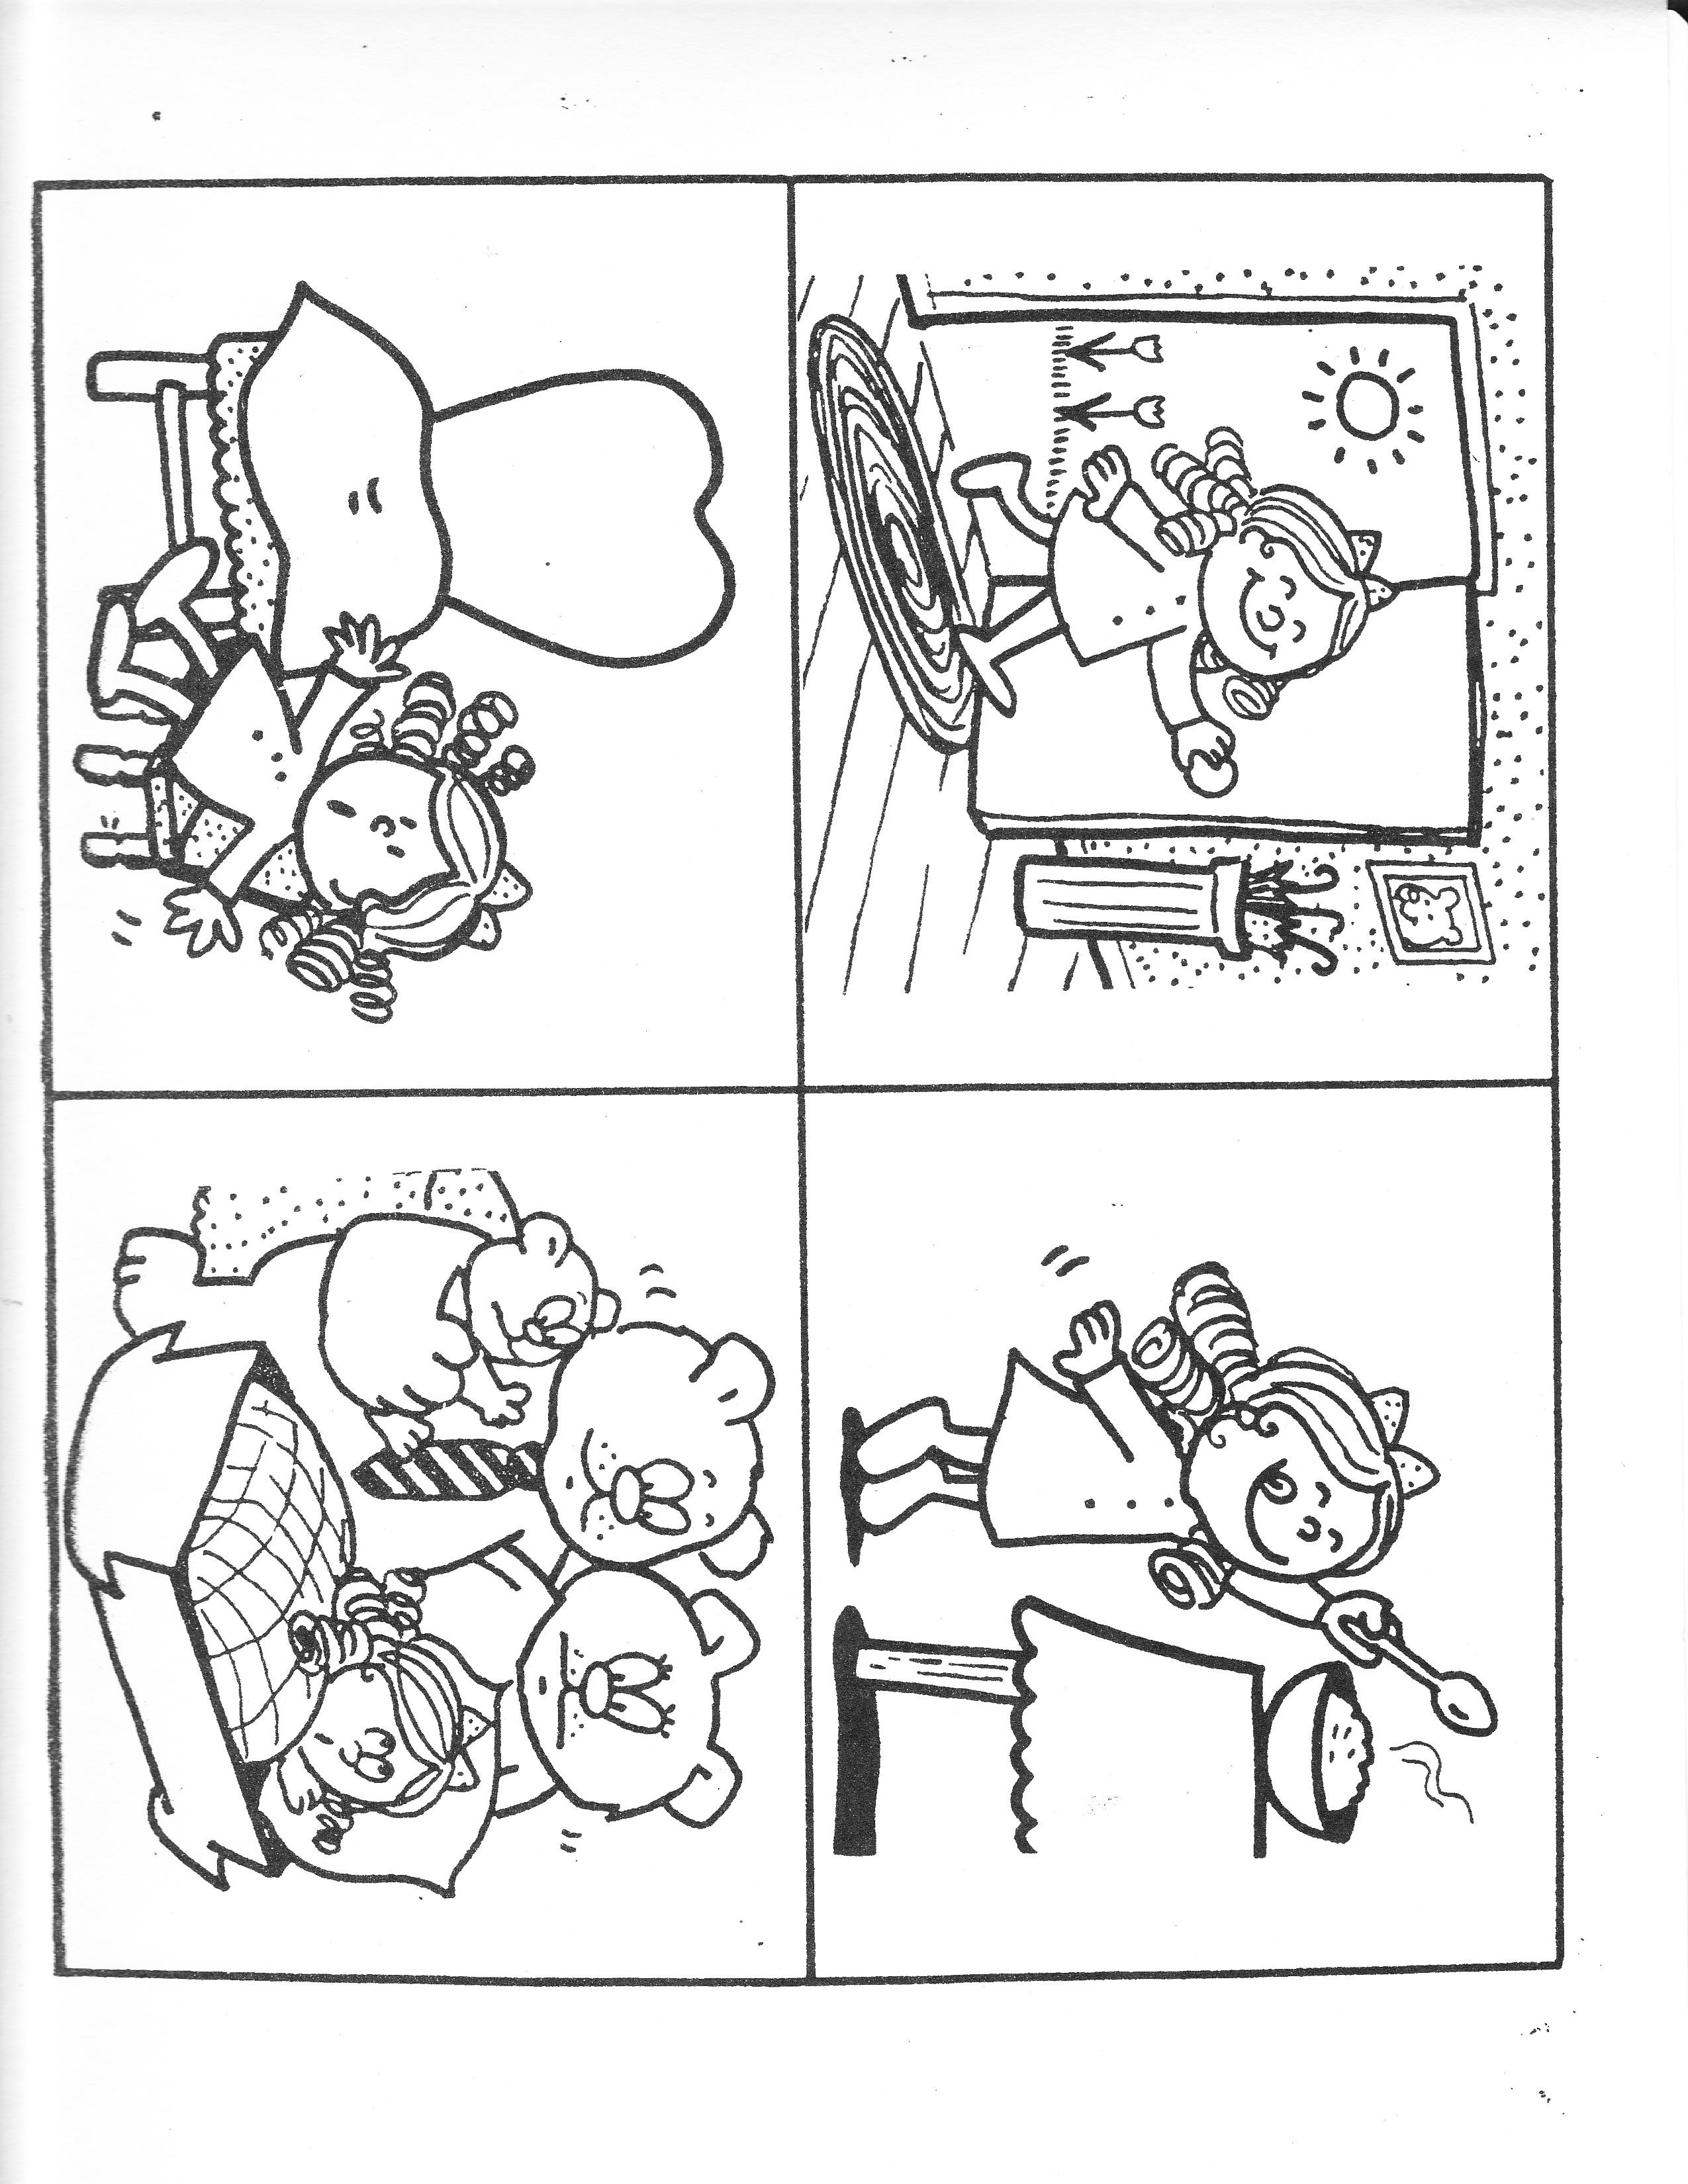 16 Best Images of Sequencing Worksheets For Kindergarten